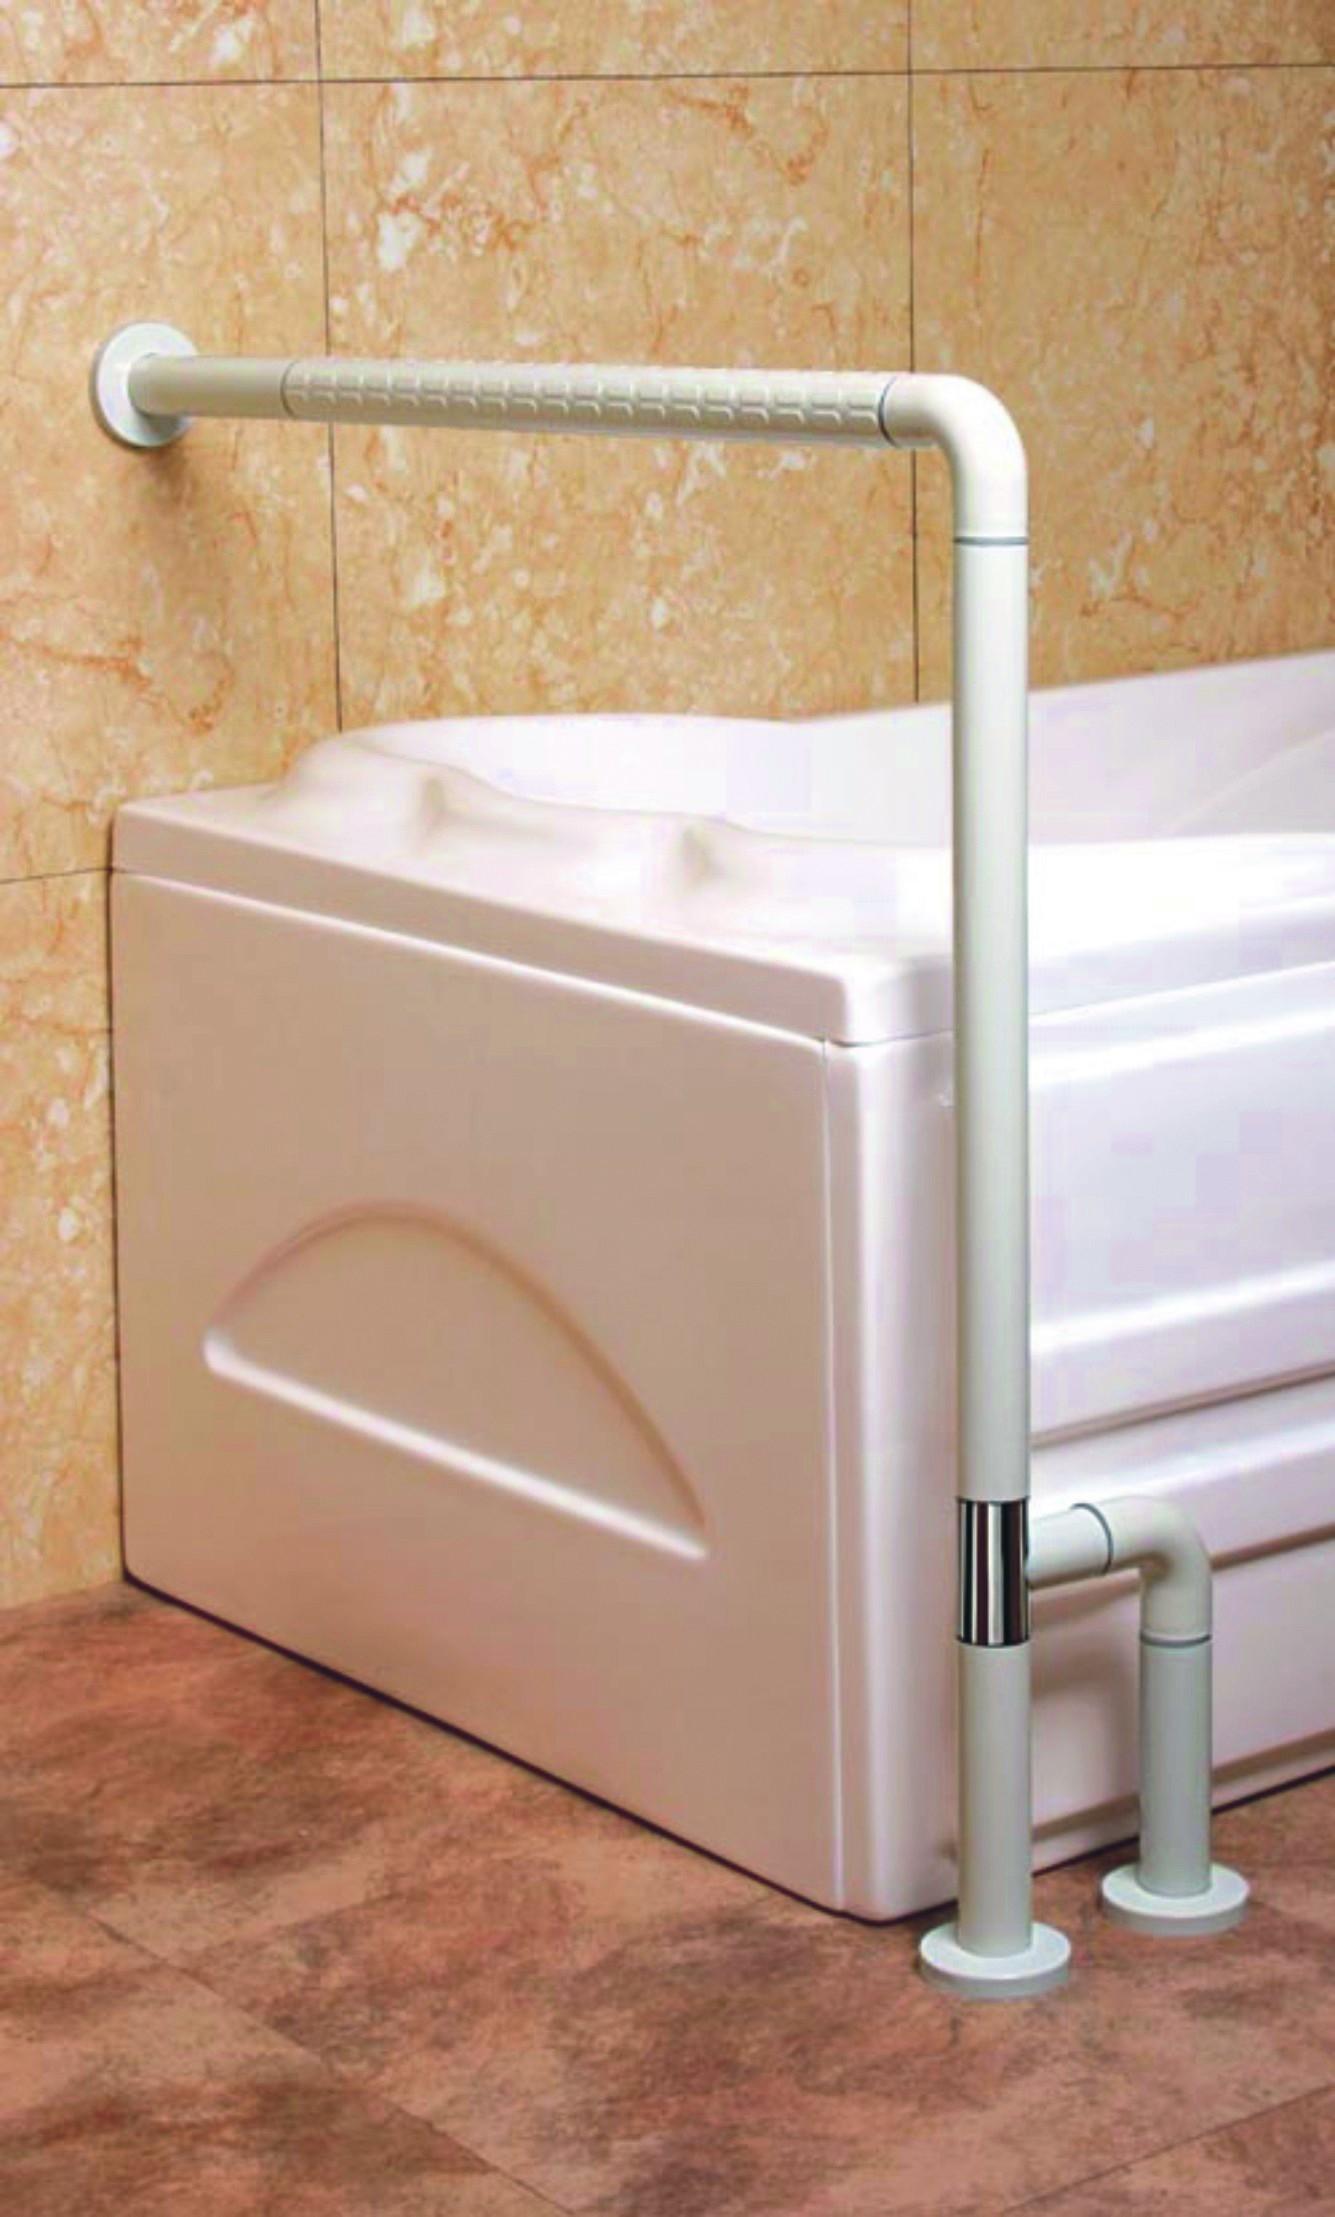 Aide Pour Sortir De La Baignoire appui de baignoire iliade la sécurité absolue avec fixation